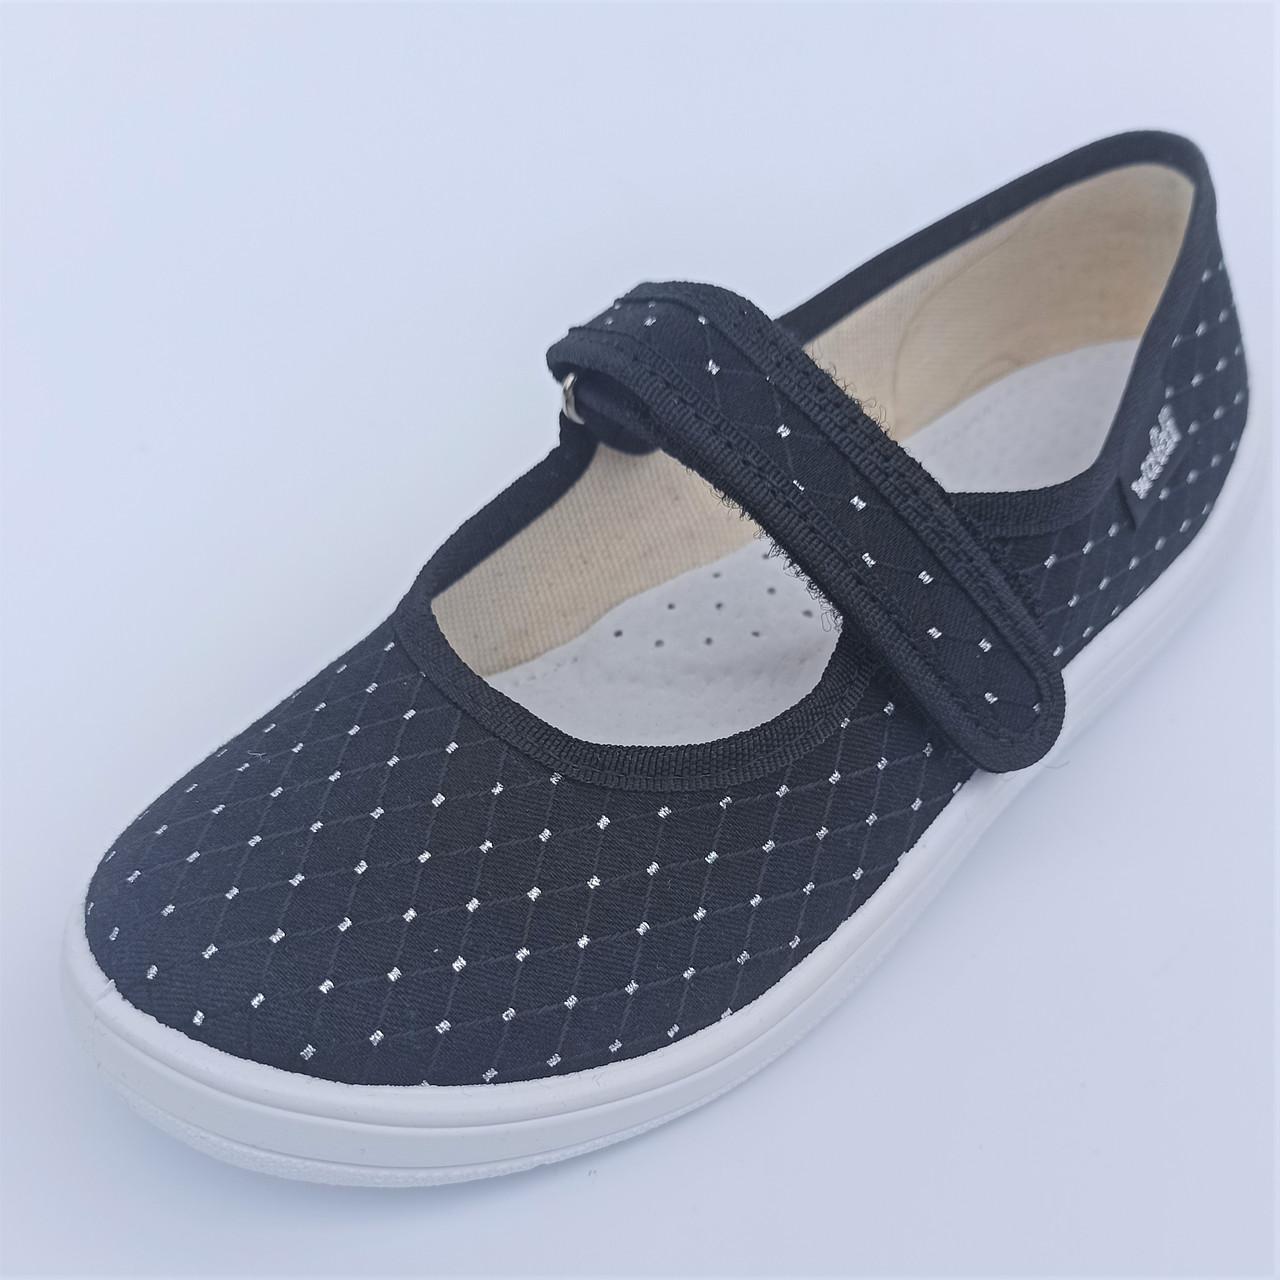 Тканинні туфлі на дівчинку з перлинами, Waldi розміри: 30-35